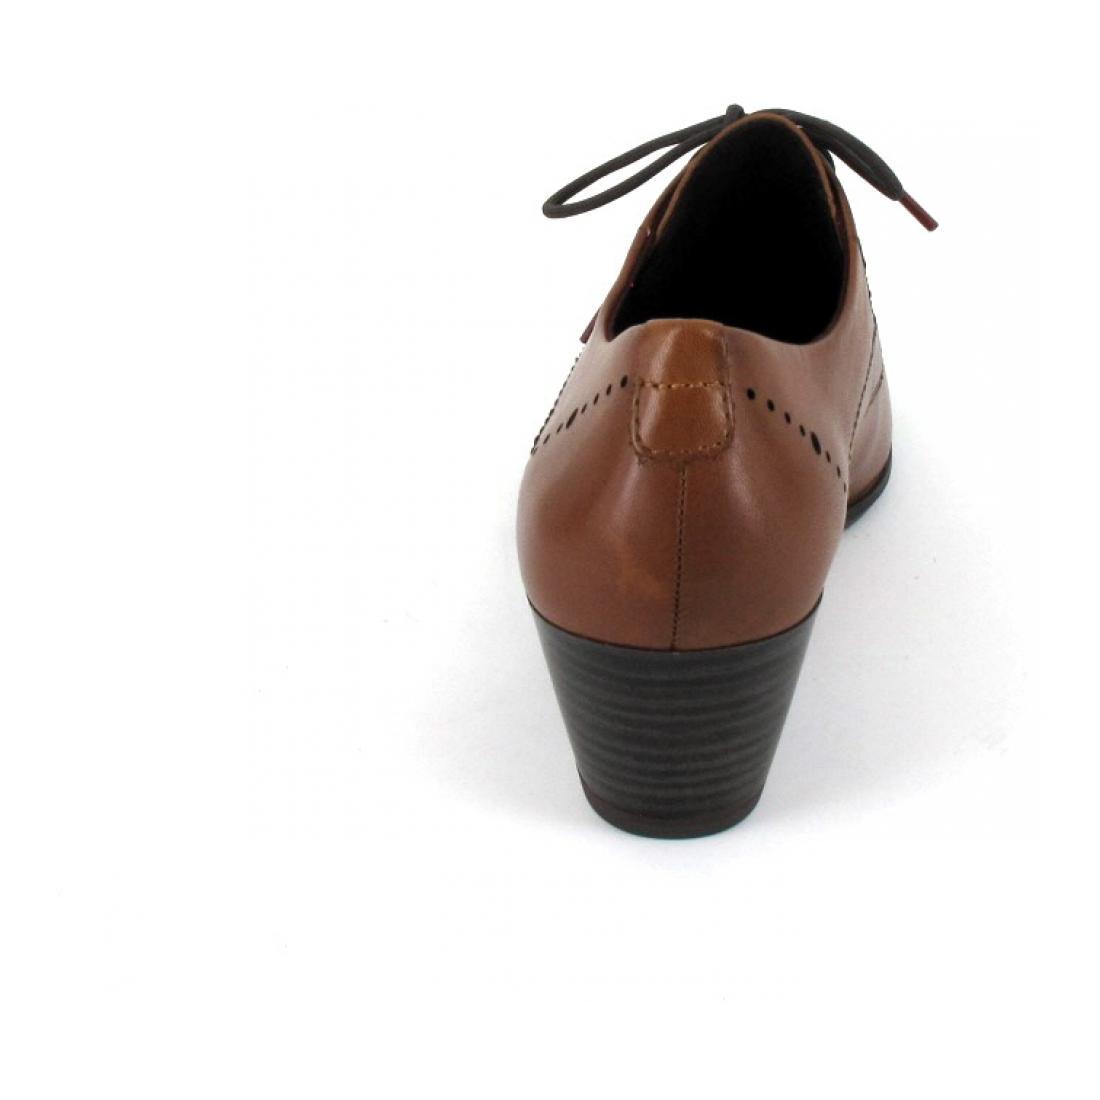 Tamaris Schnürer | Schuh Welt Wo Markenschuhe günstig sind